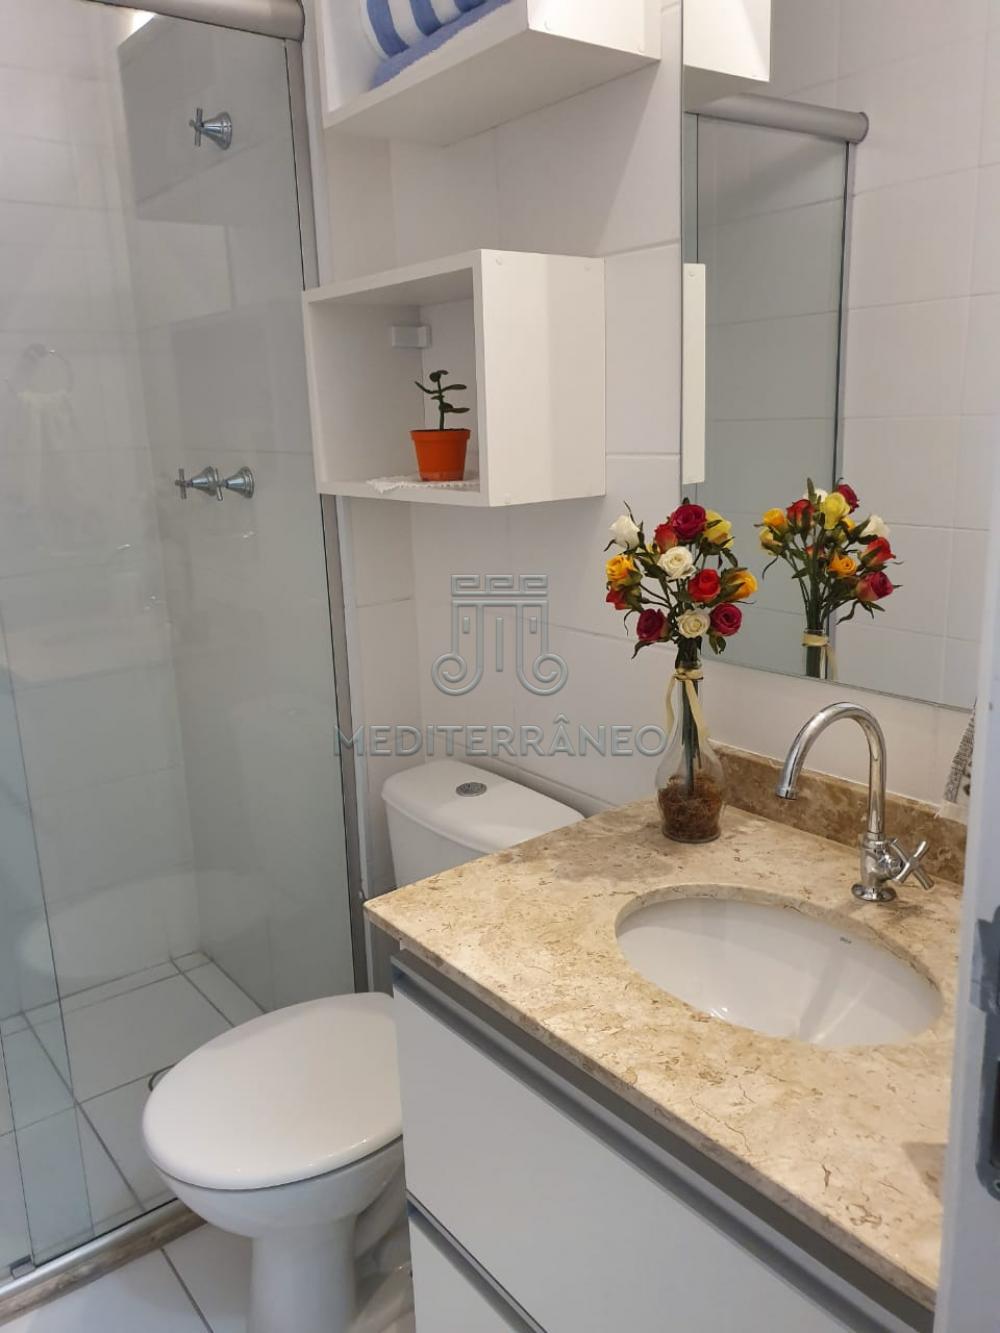 Comprar Apartamento / Padrão em Jundiaí apenas R$ 350.000,00 - Foto 13